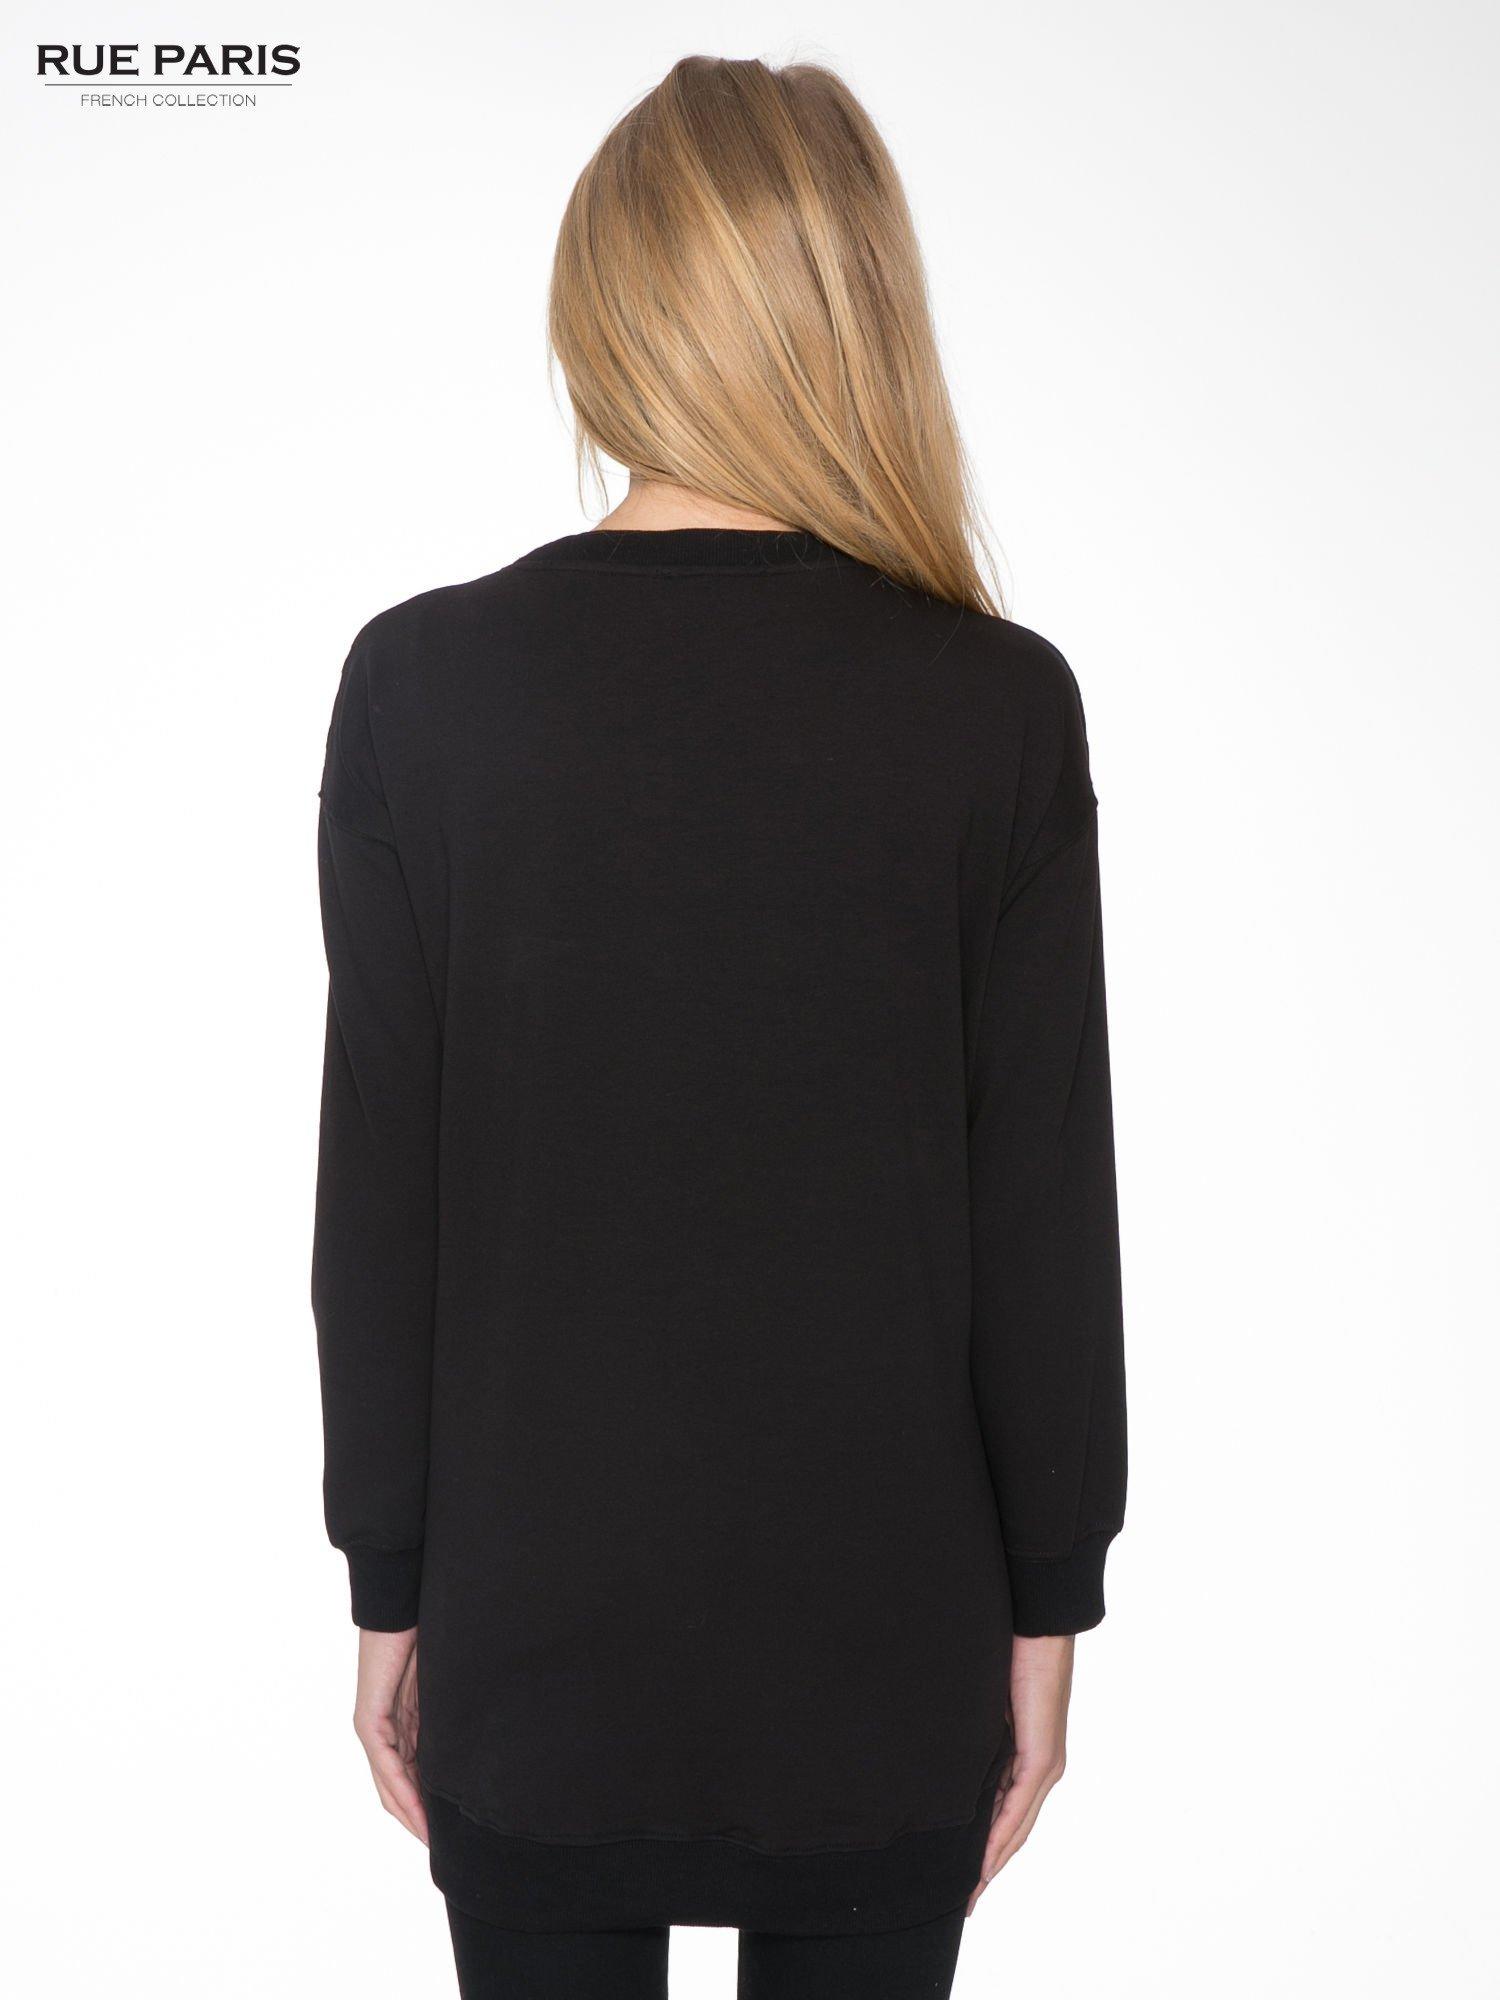 Czarna bluza z luźnymi rękawami o bąbelkowej fakturze                                  zdj.                                  4